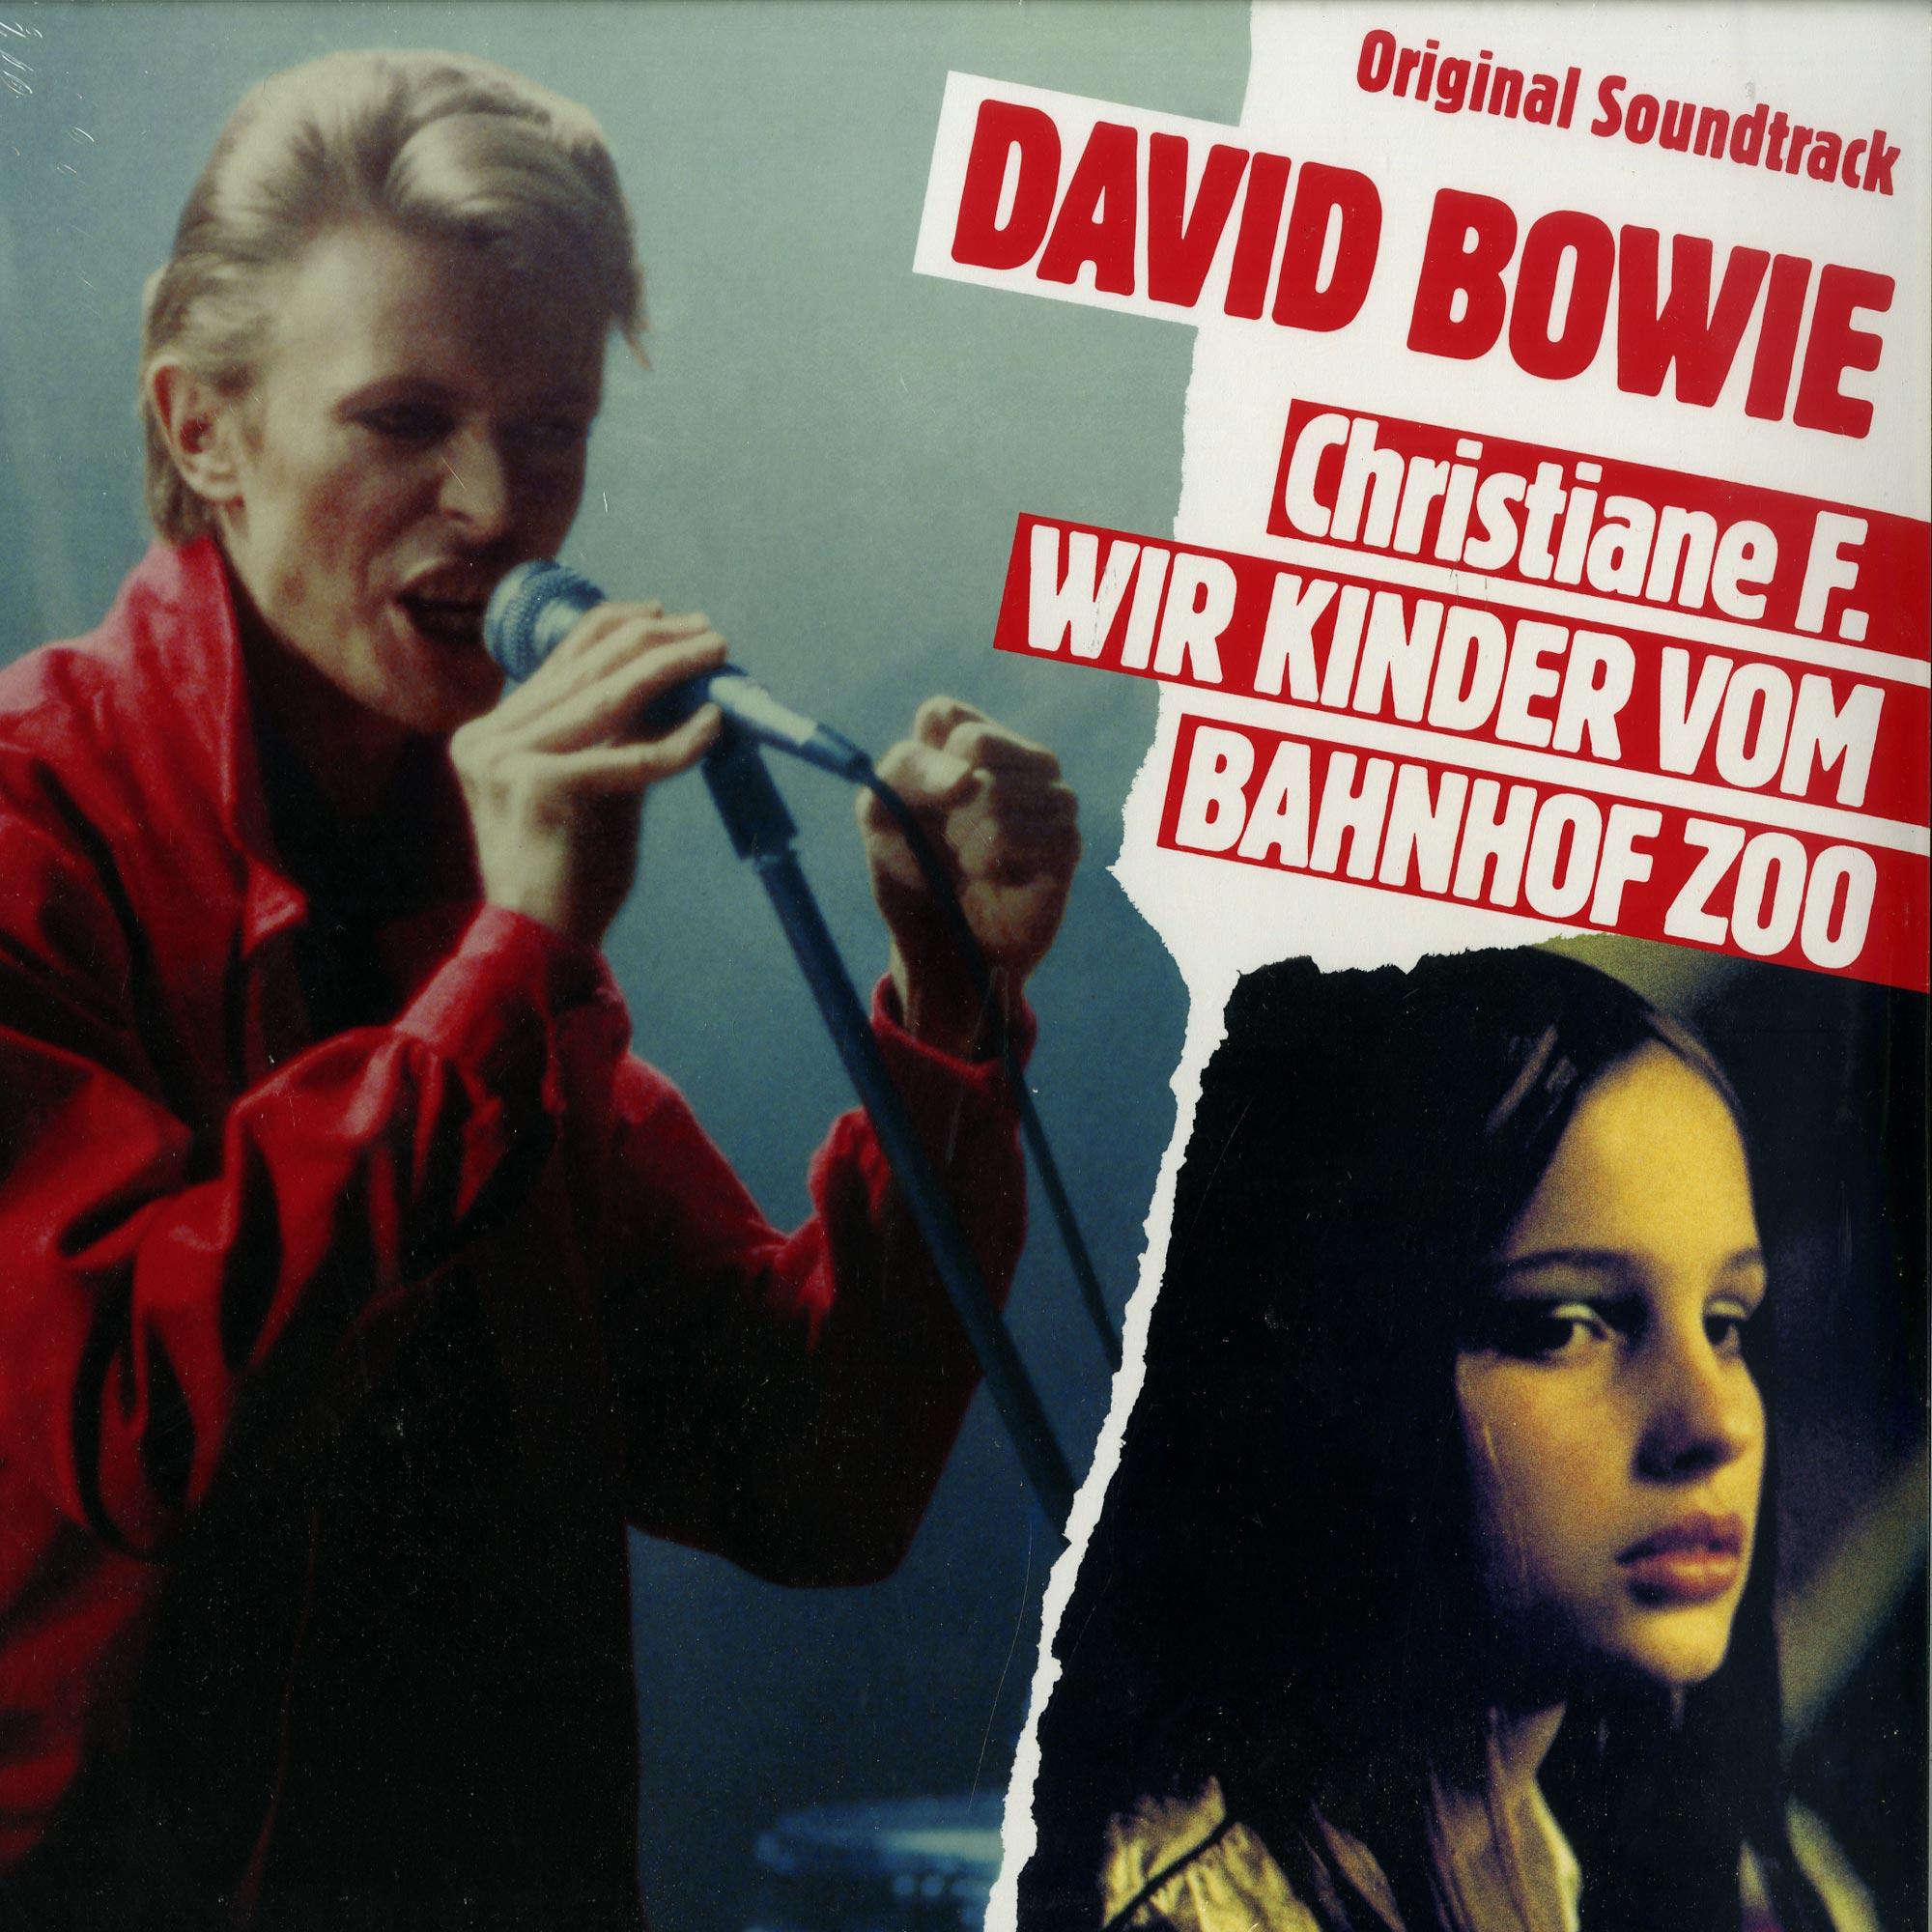 David Bowie - CHRISTIANE F. - WIR KINDER VOM BAHNHOF ZOO O.S.T.